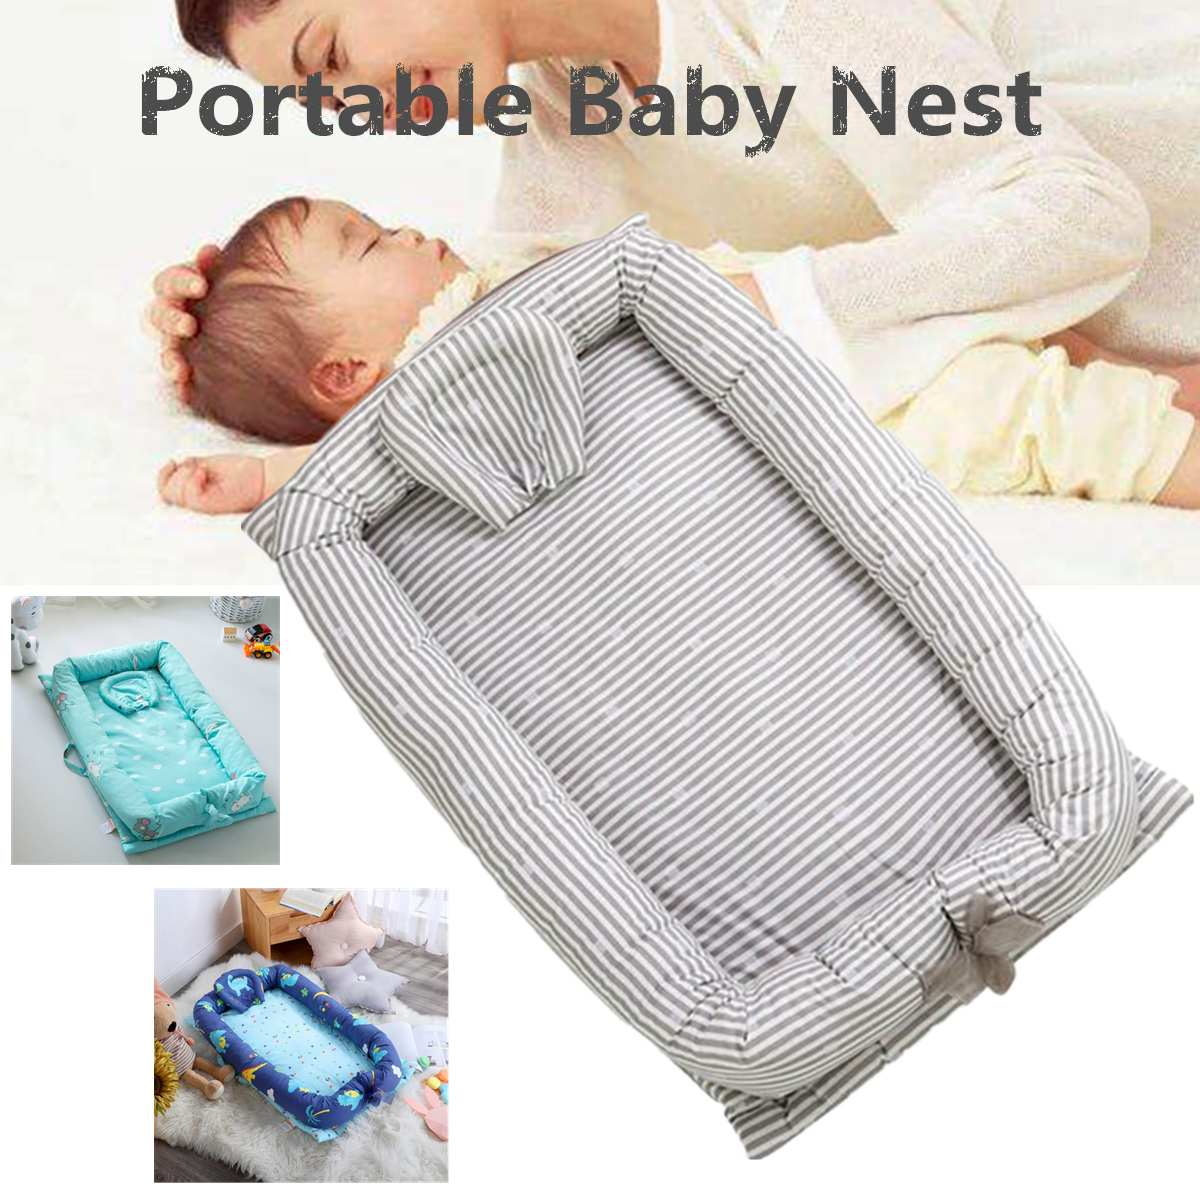 Bébé nid lit berceau Portable amovible lavable lit de couchage bébé sommeil lit de voyage lit pour enfants infantile enfant coton berceau